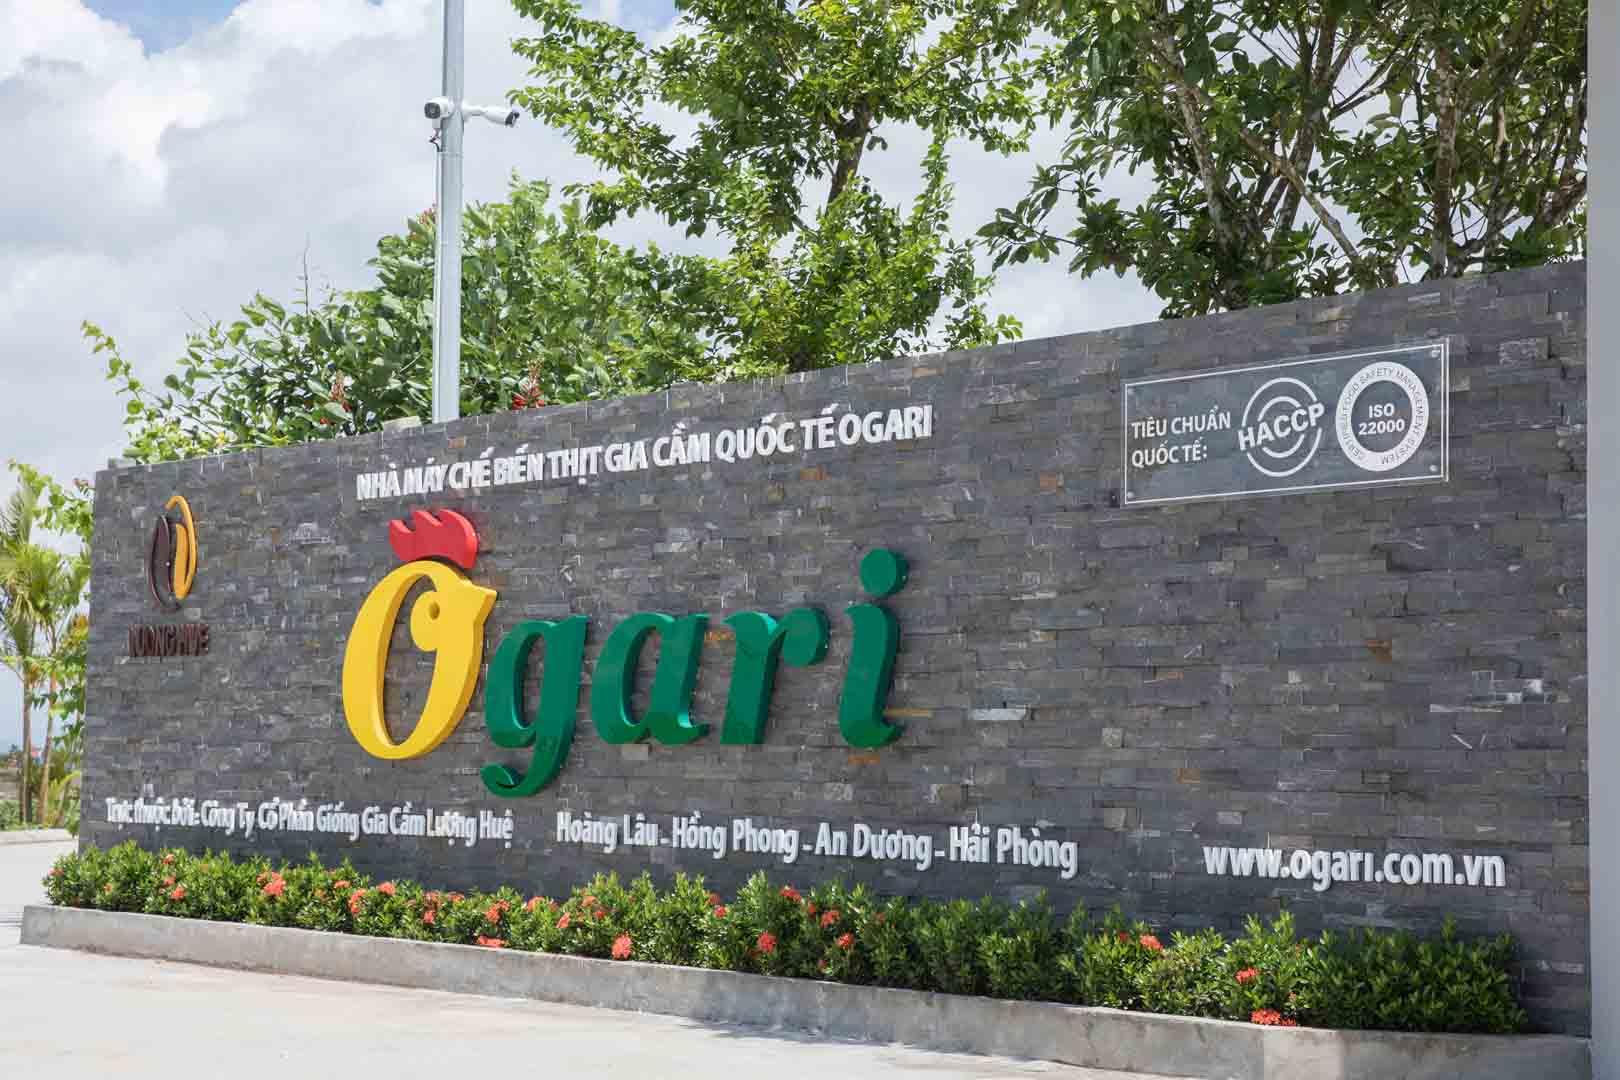 Nhà máy chế biến thịt gia cầm quốc tế Ogari